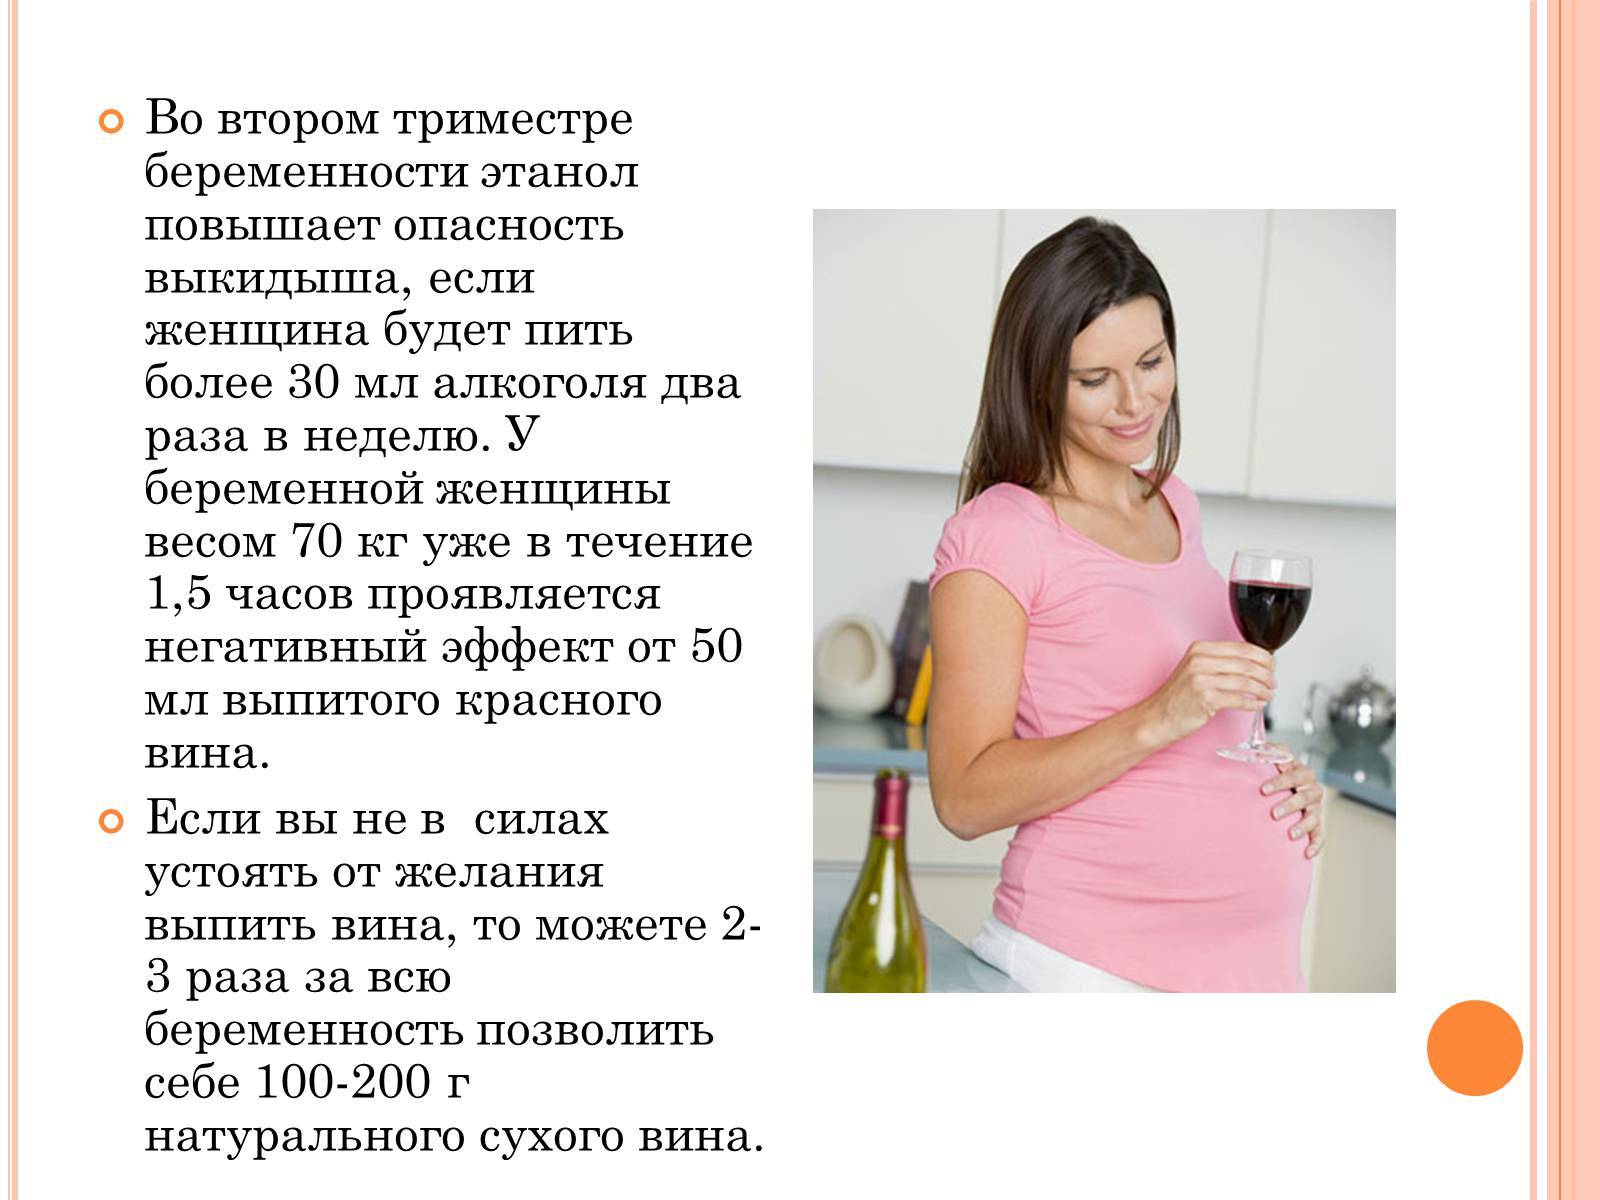 Первый триместр беременности